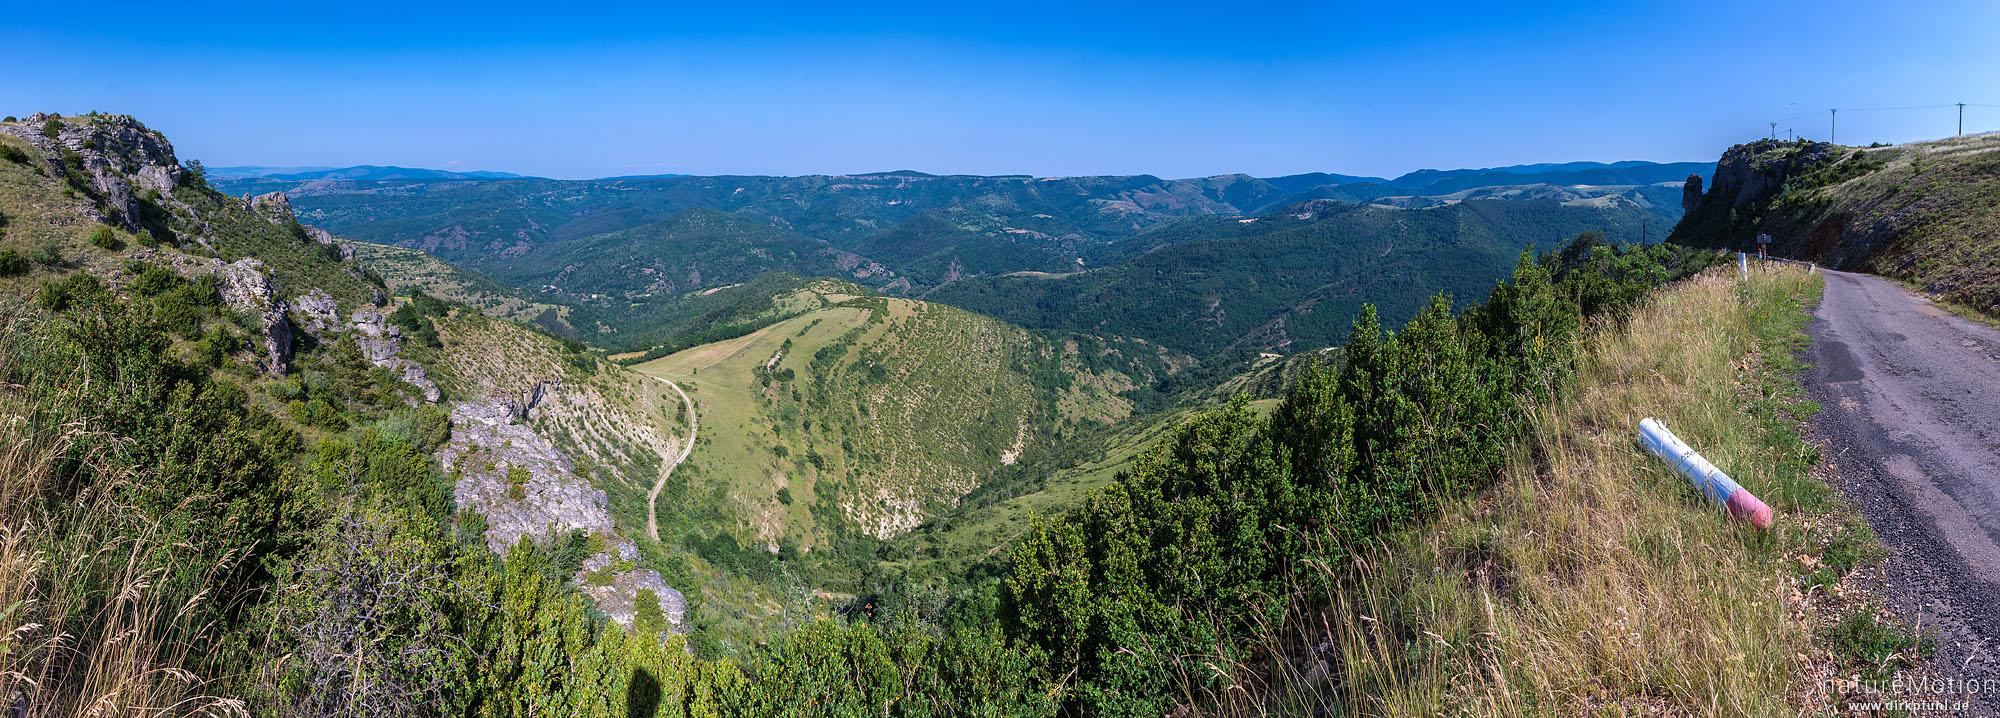 Blick von der Cuasses Mejean auf das Tal des Tarnon bei Vebron, Florac, Frankreich